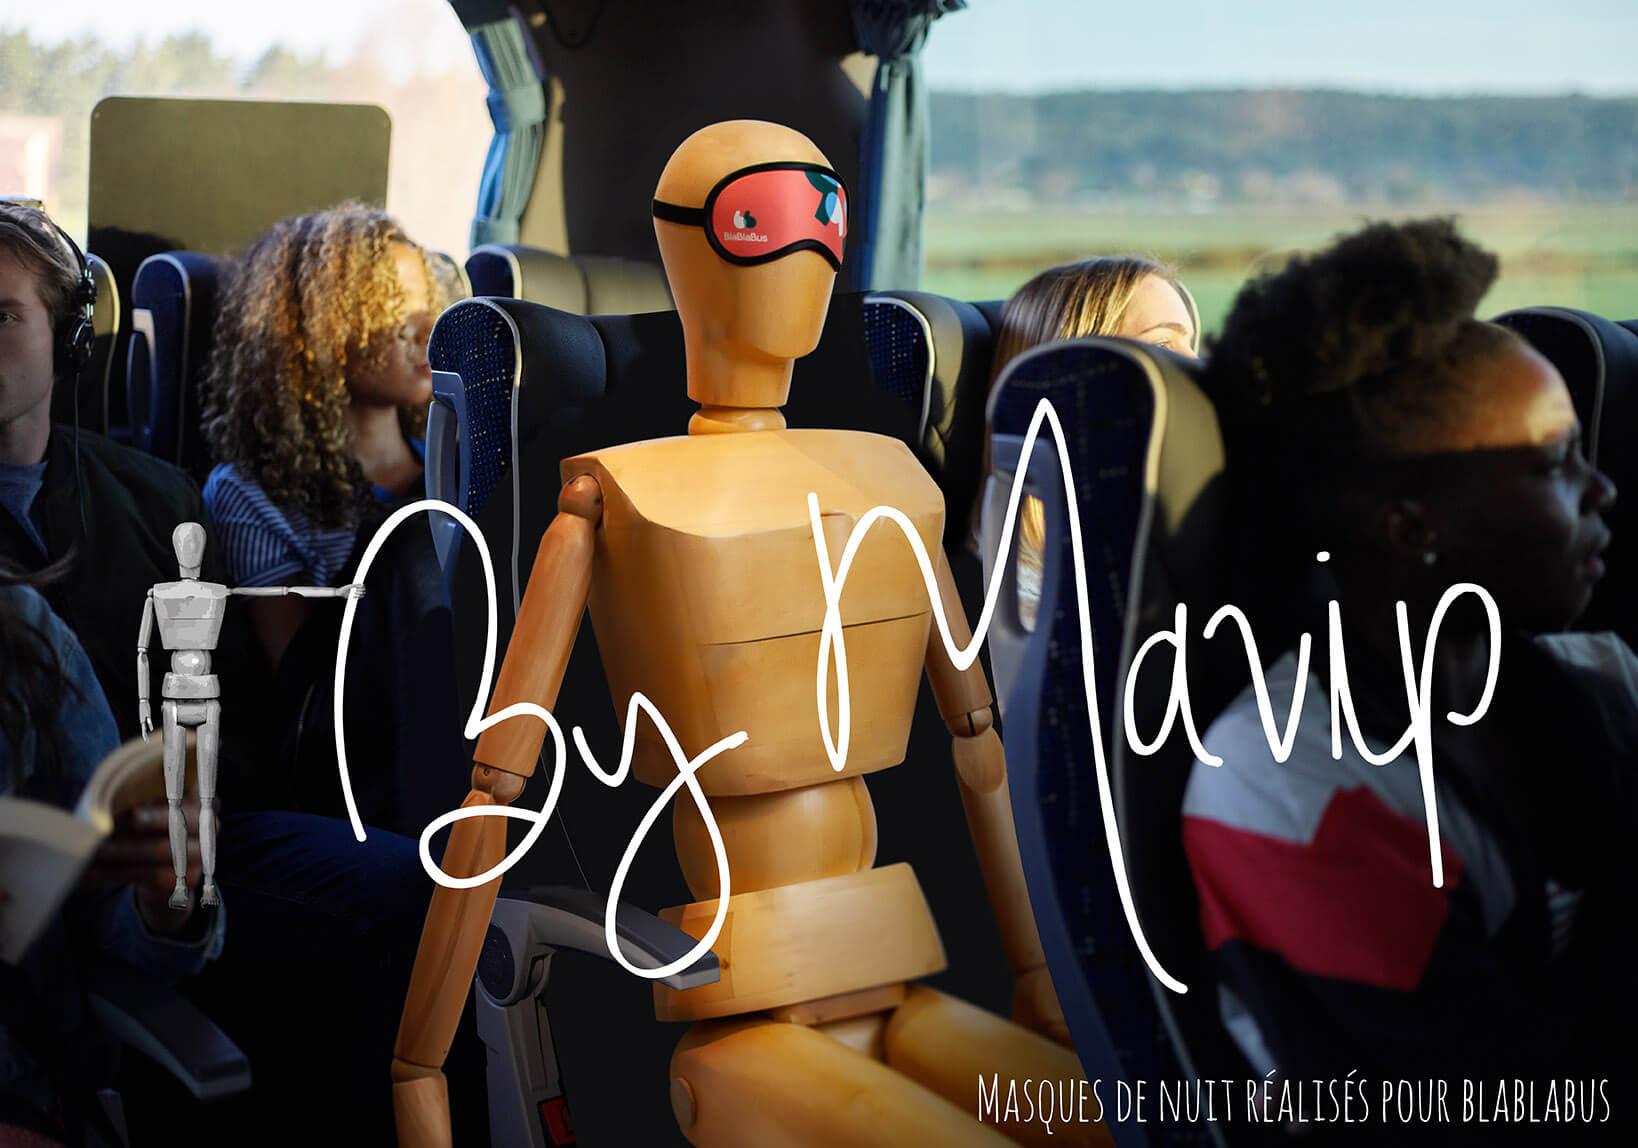 Masques denuit réalisés pour Blablabus par Mavip